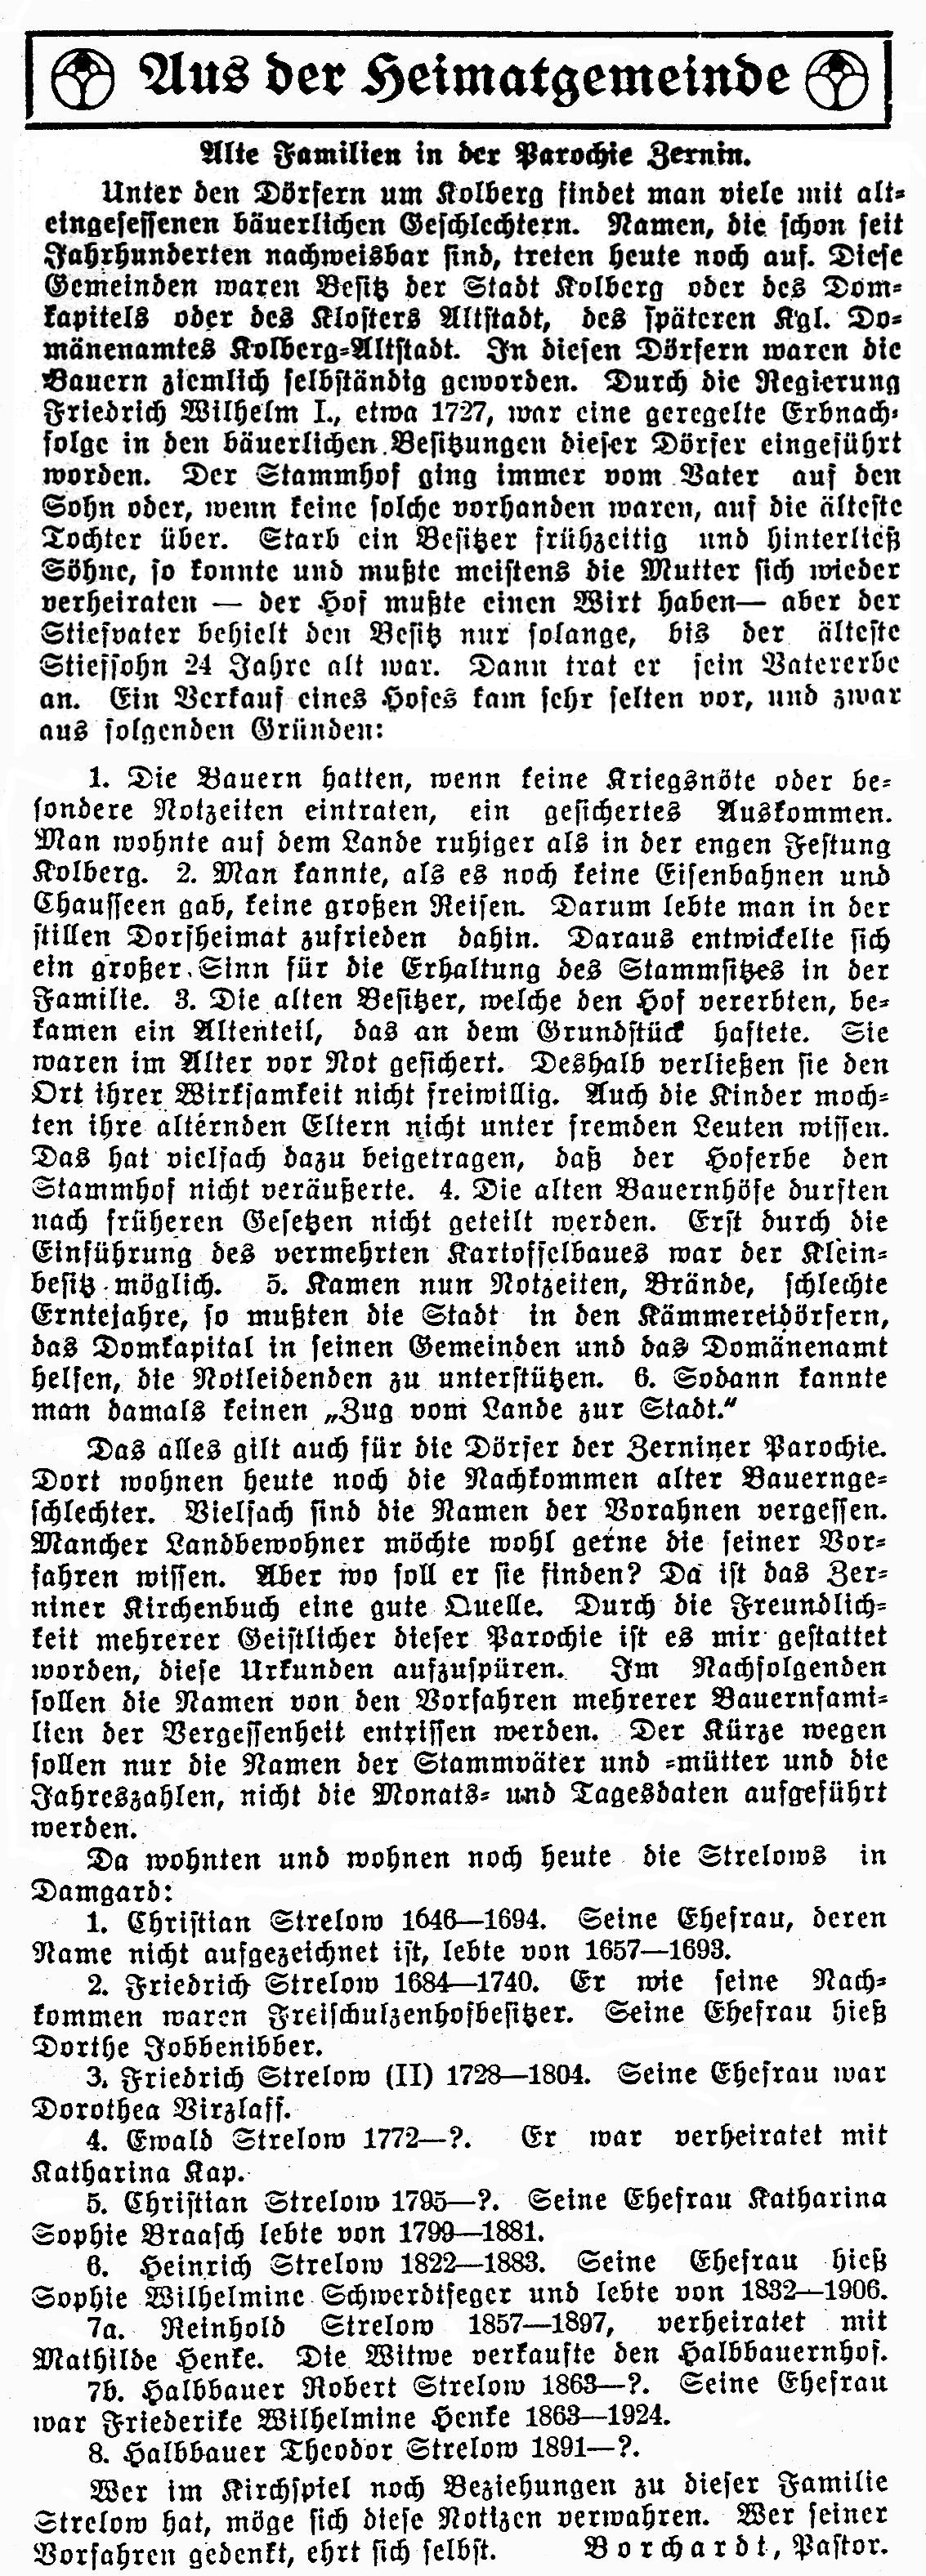 Quelle: Gemeindeblatt Zernin, Ausgabe 4/1930